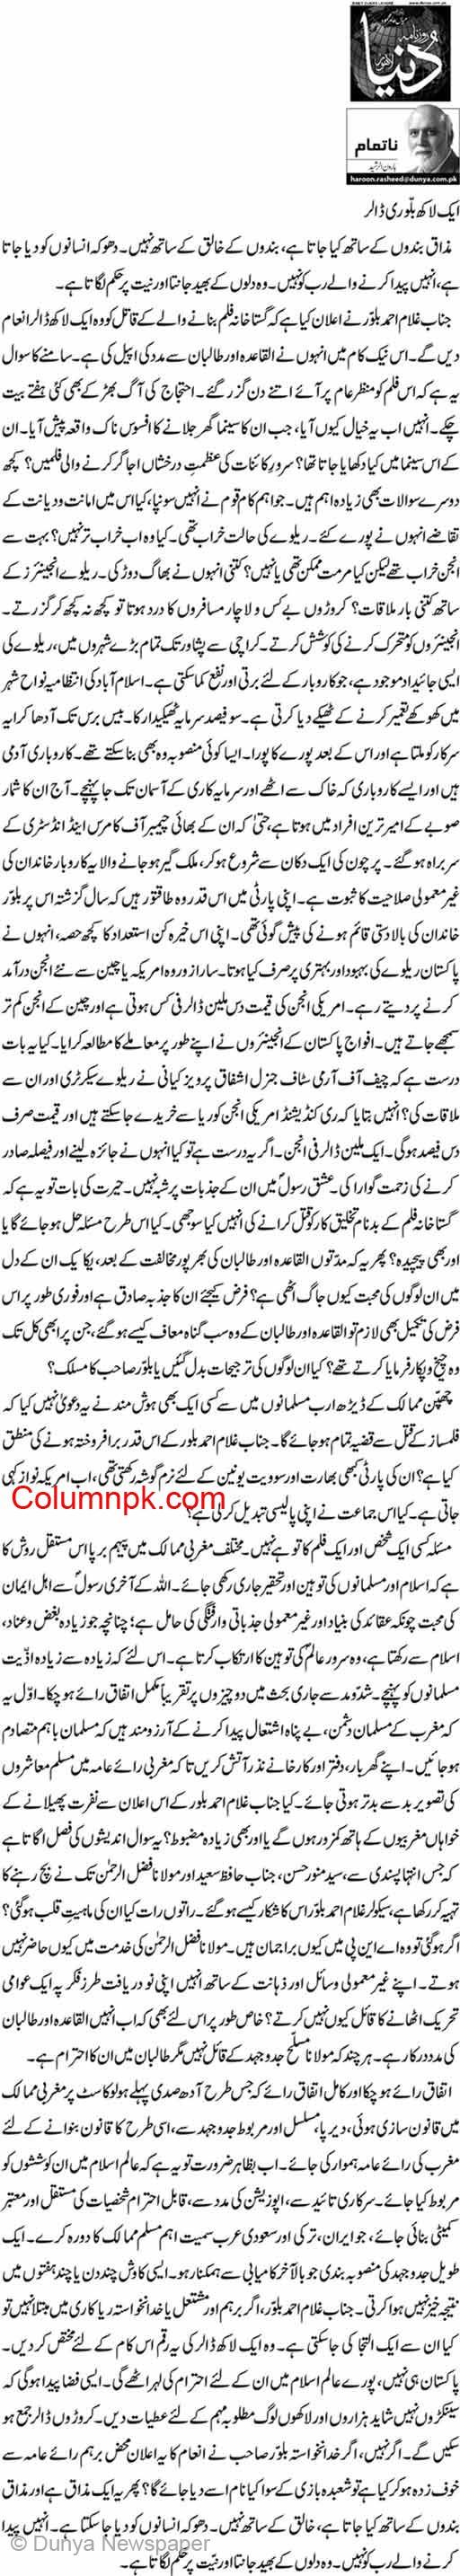 haroon ur rasheed11 Ek Lakh Balori Dollar By Haroon Ur Rasheed